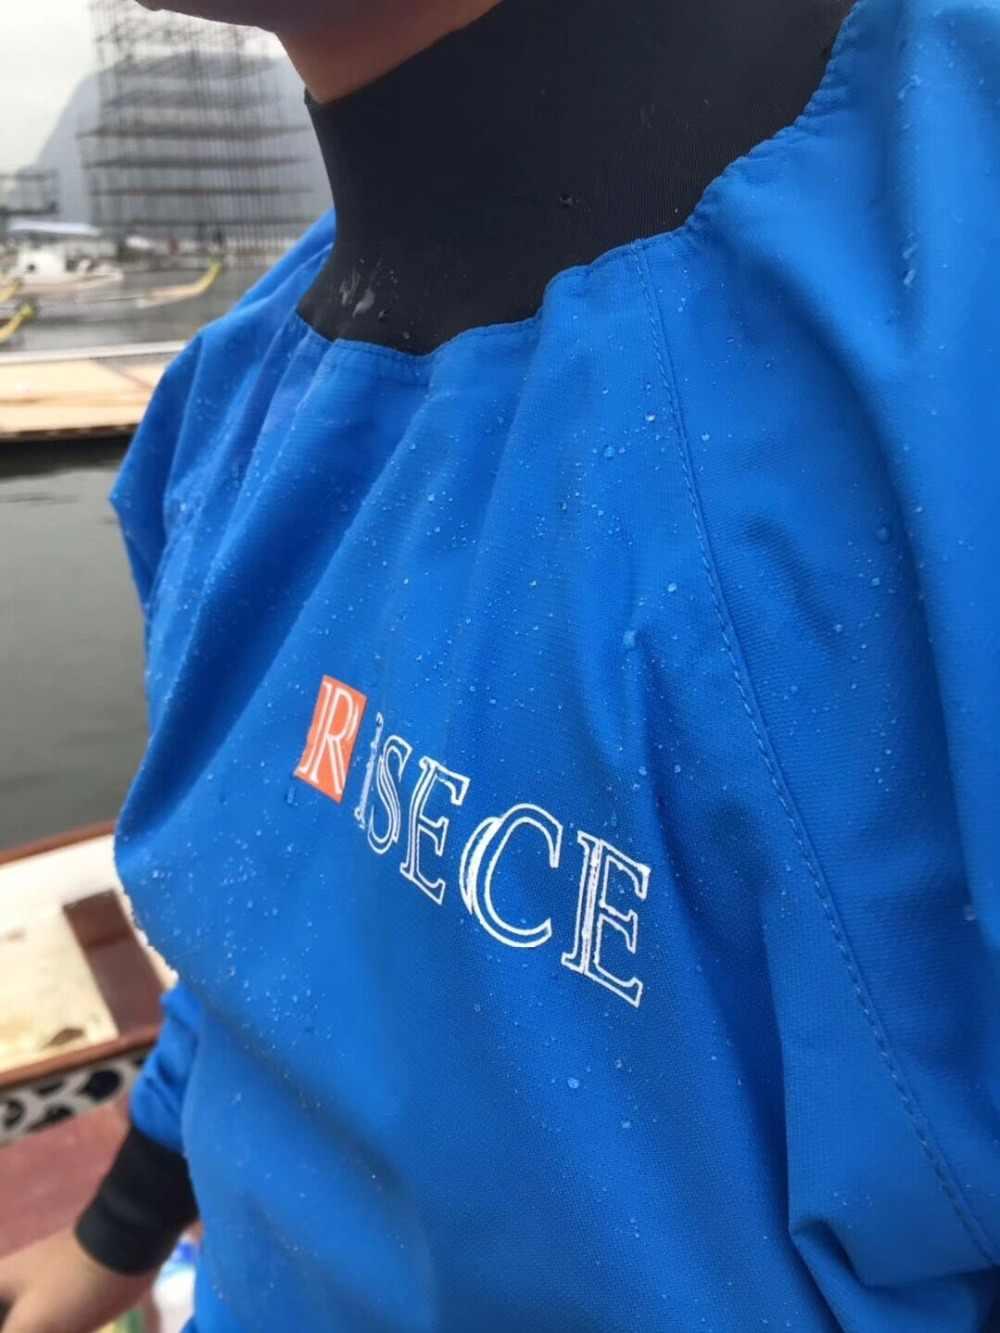 Tahan Air Tahan Air Sesuai dengan Perahu Naga Balap Dry Jaket Whitewater Kayak Canoe Top Coat Berlayar Tahan Angin Kain untuk Berperahu